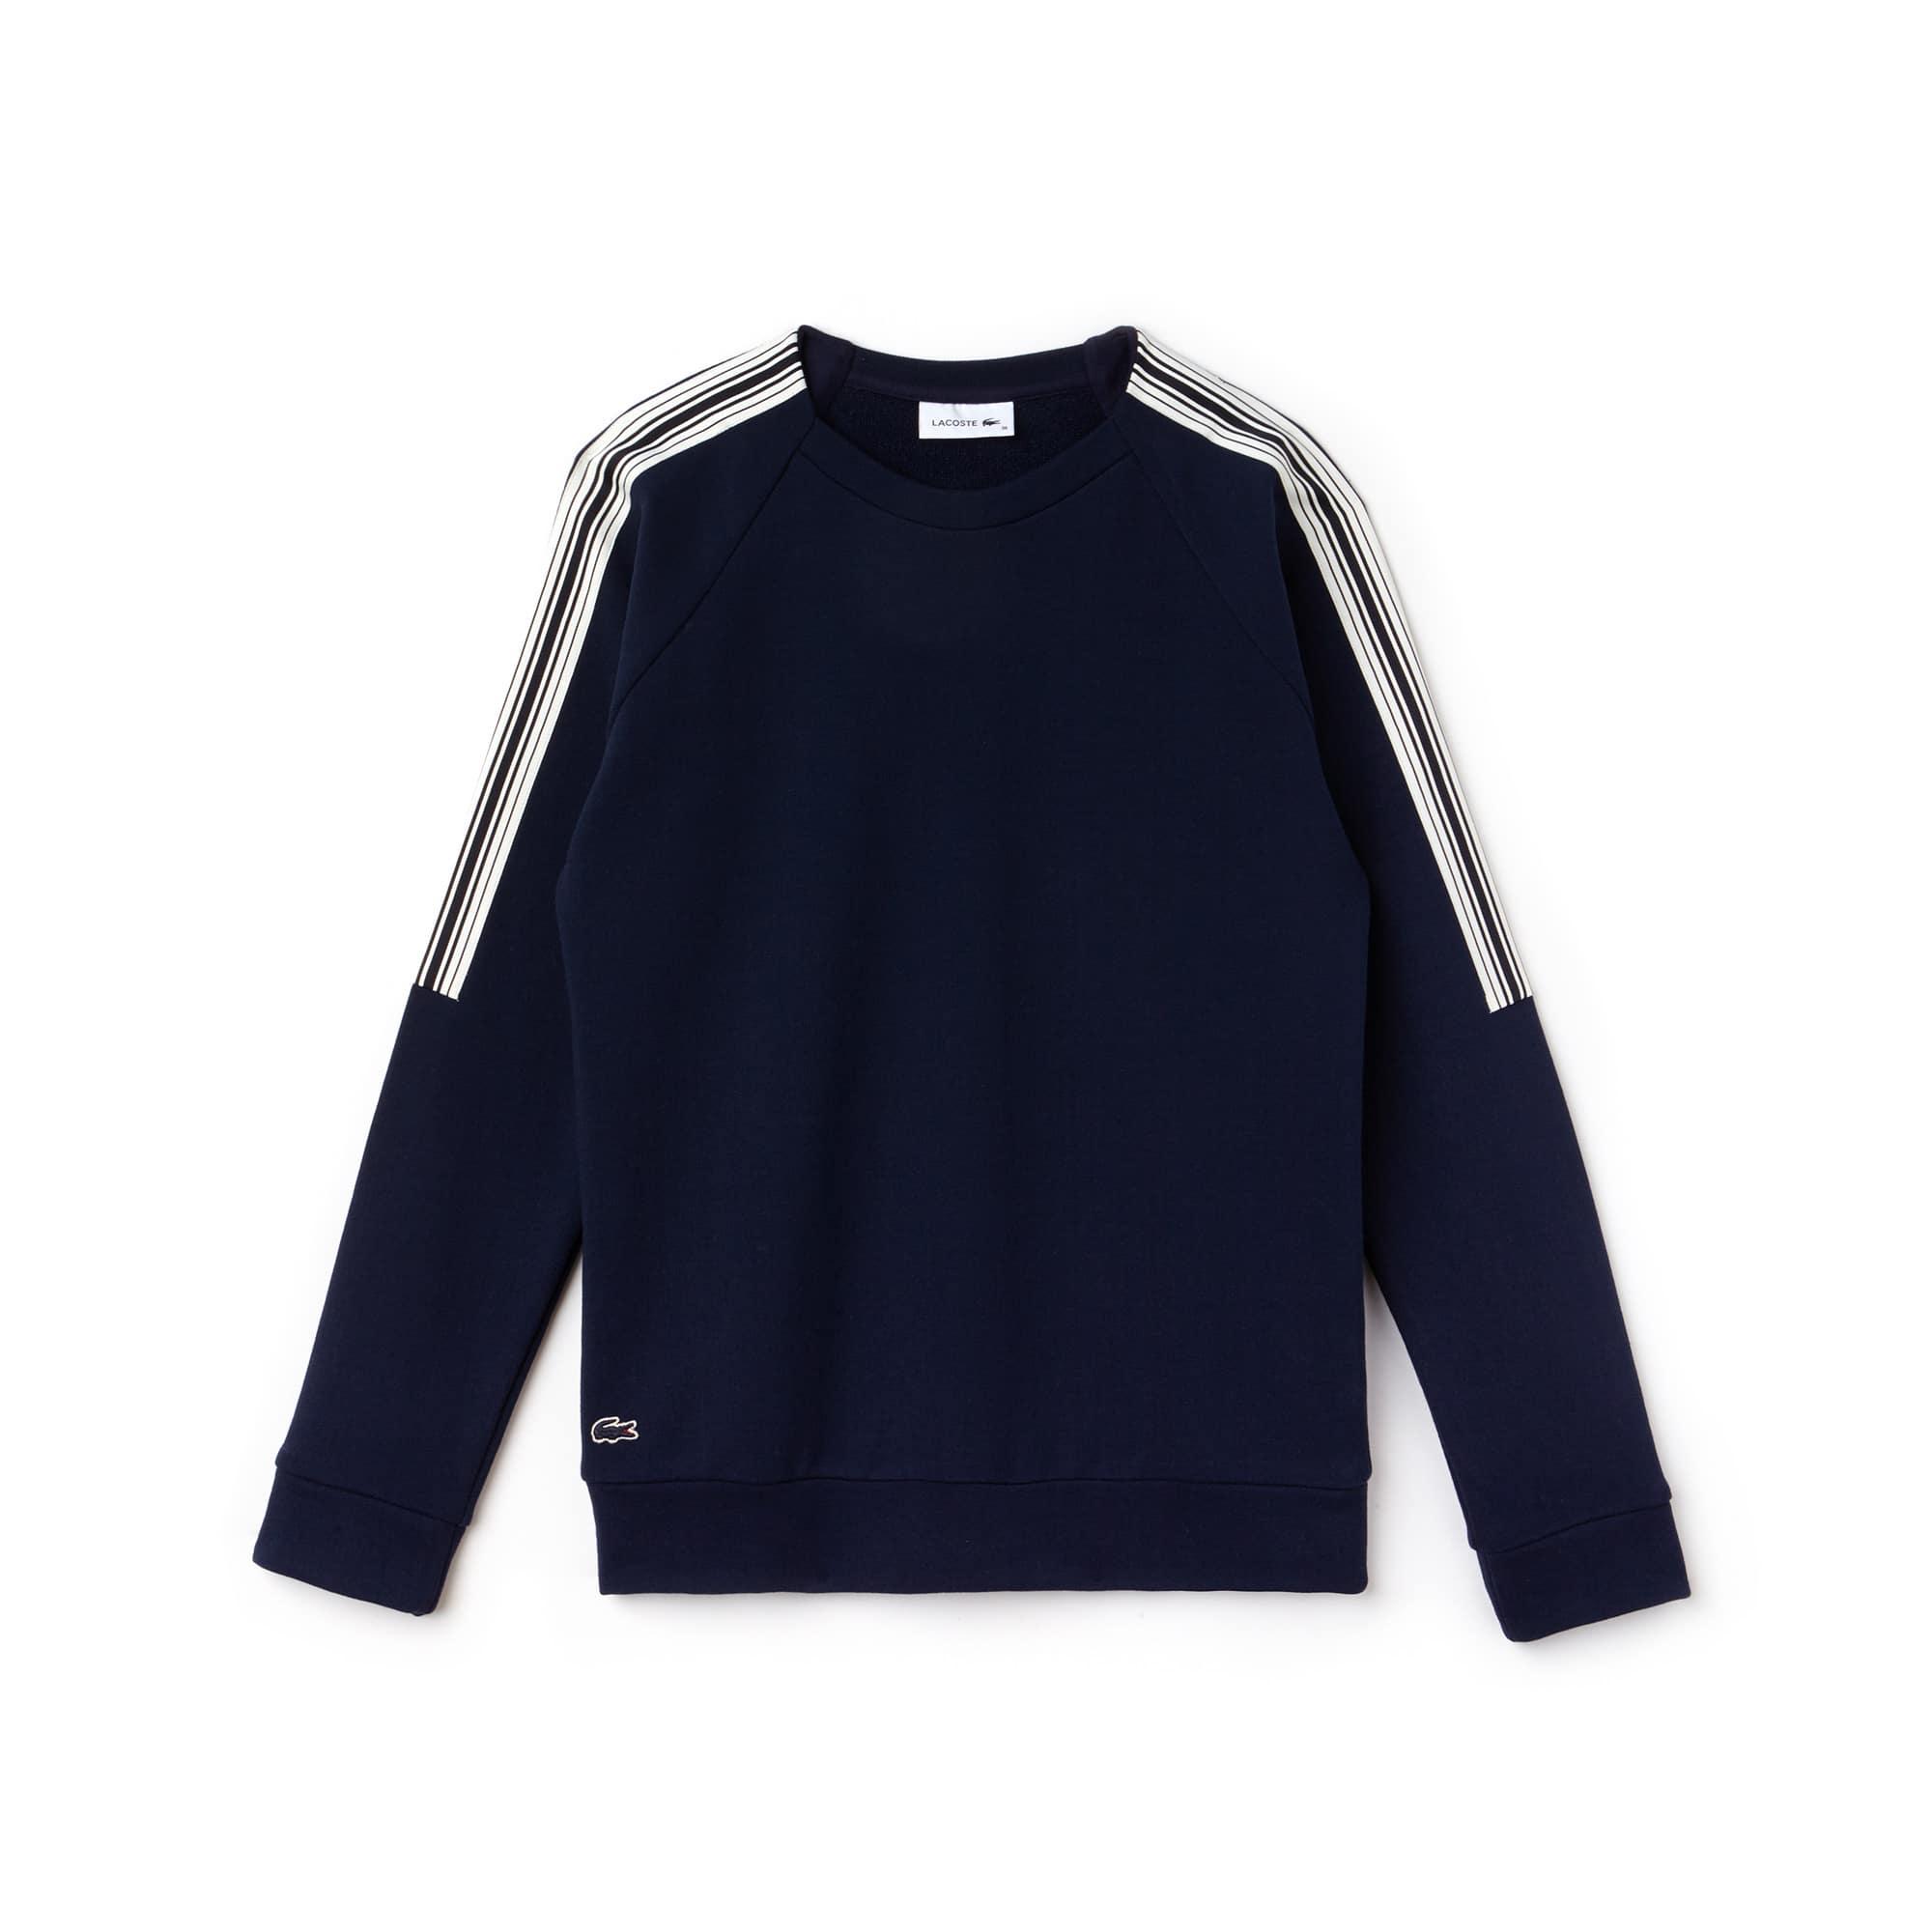 Women's Crew Neck Contrast Sweatshirt